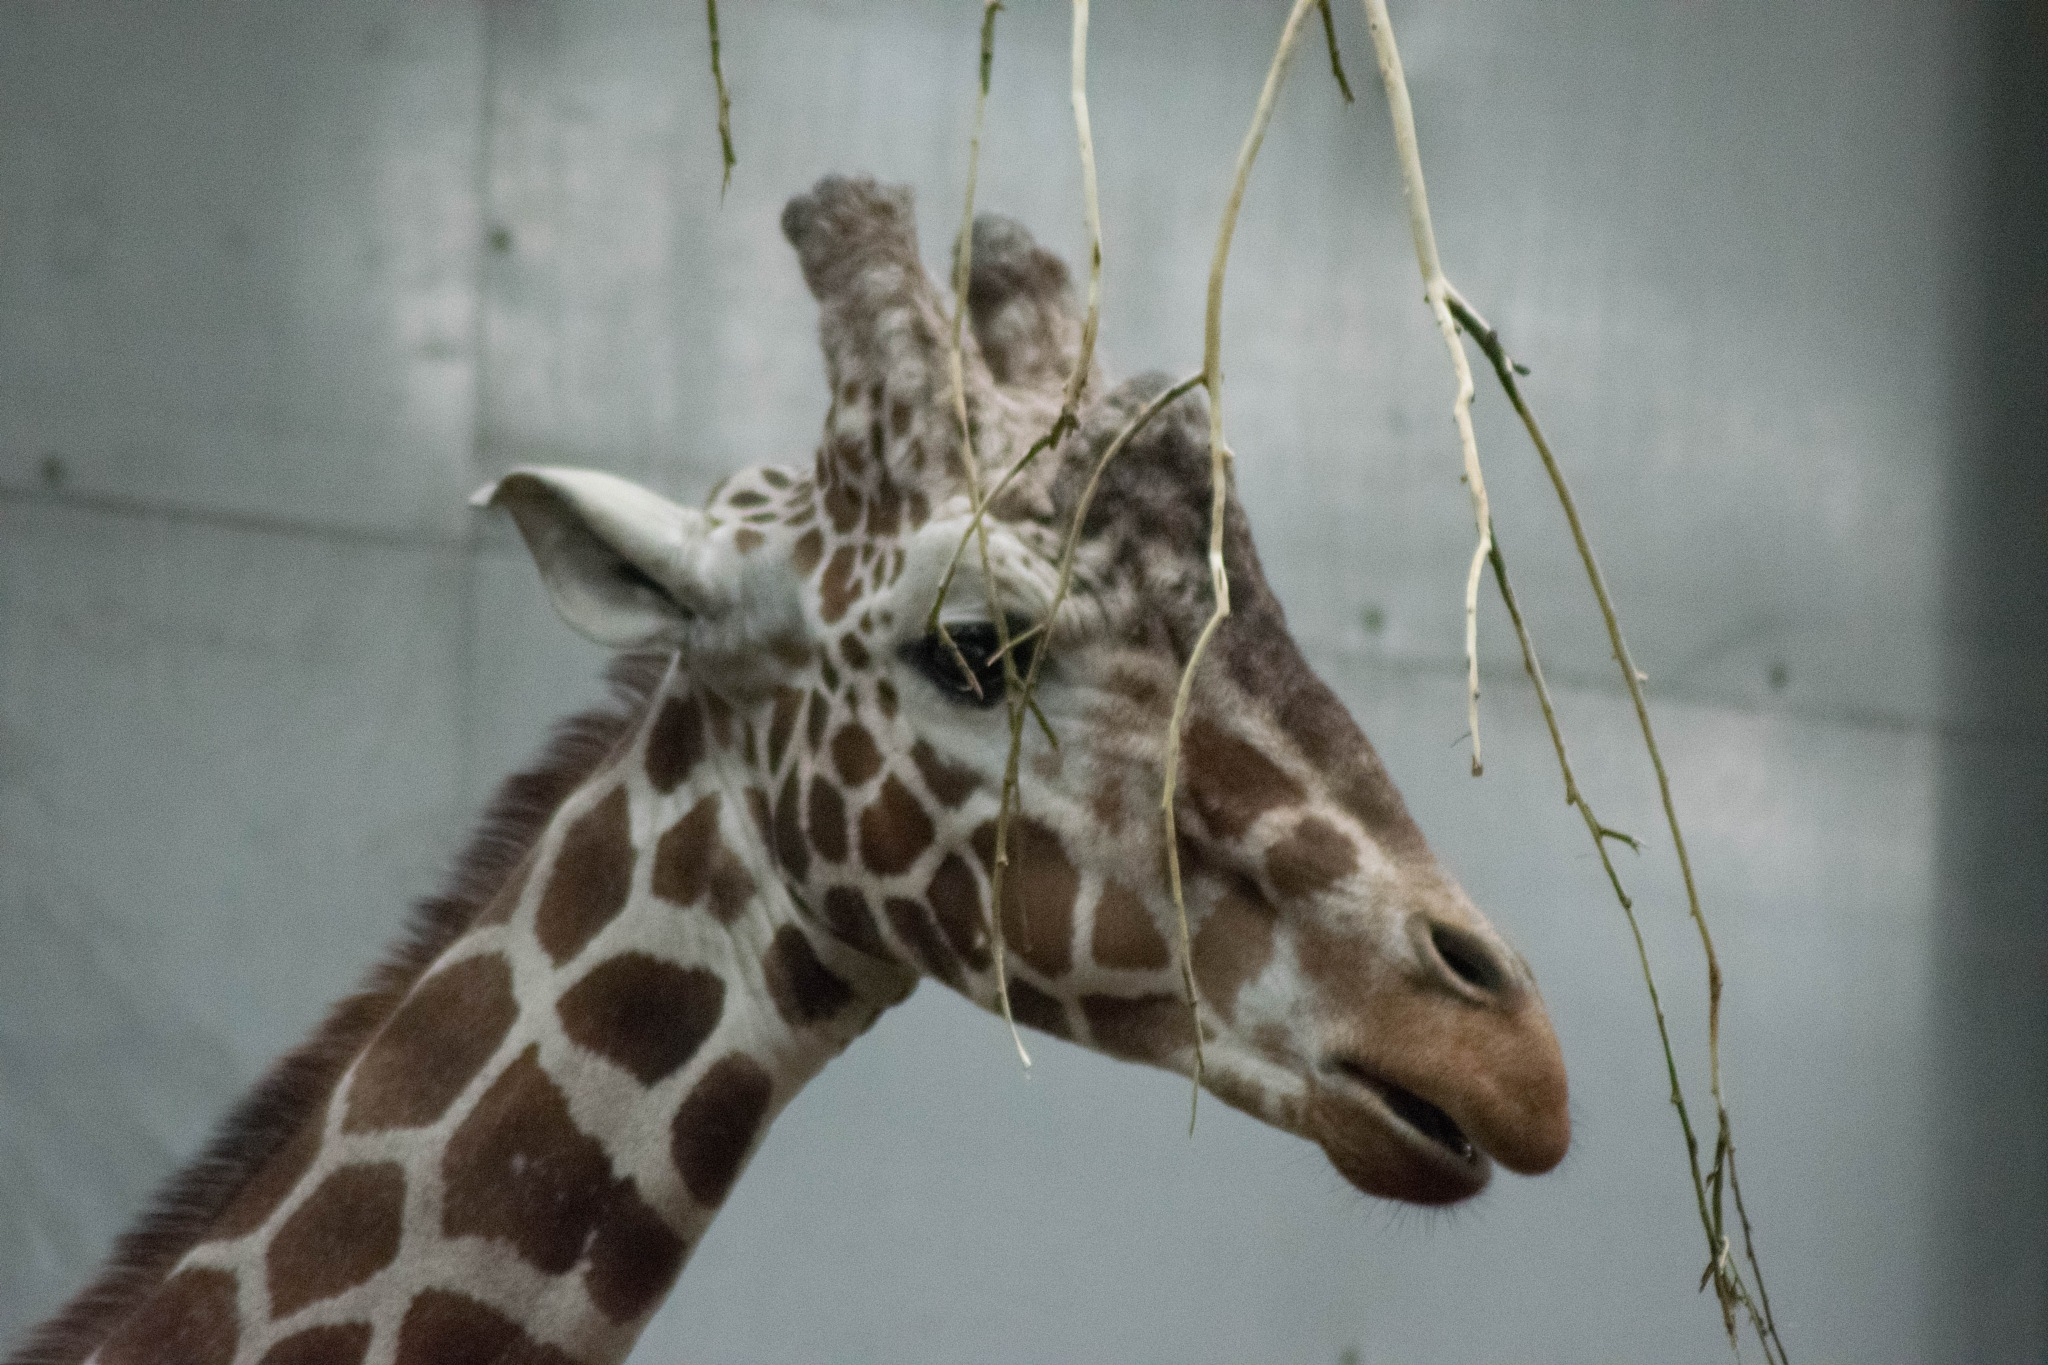 Giraffe by Dan Waters